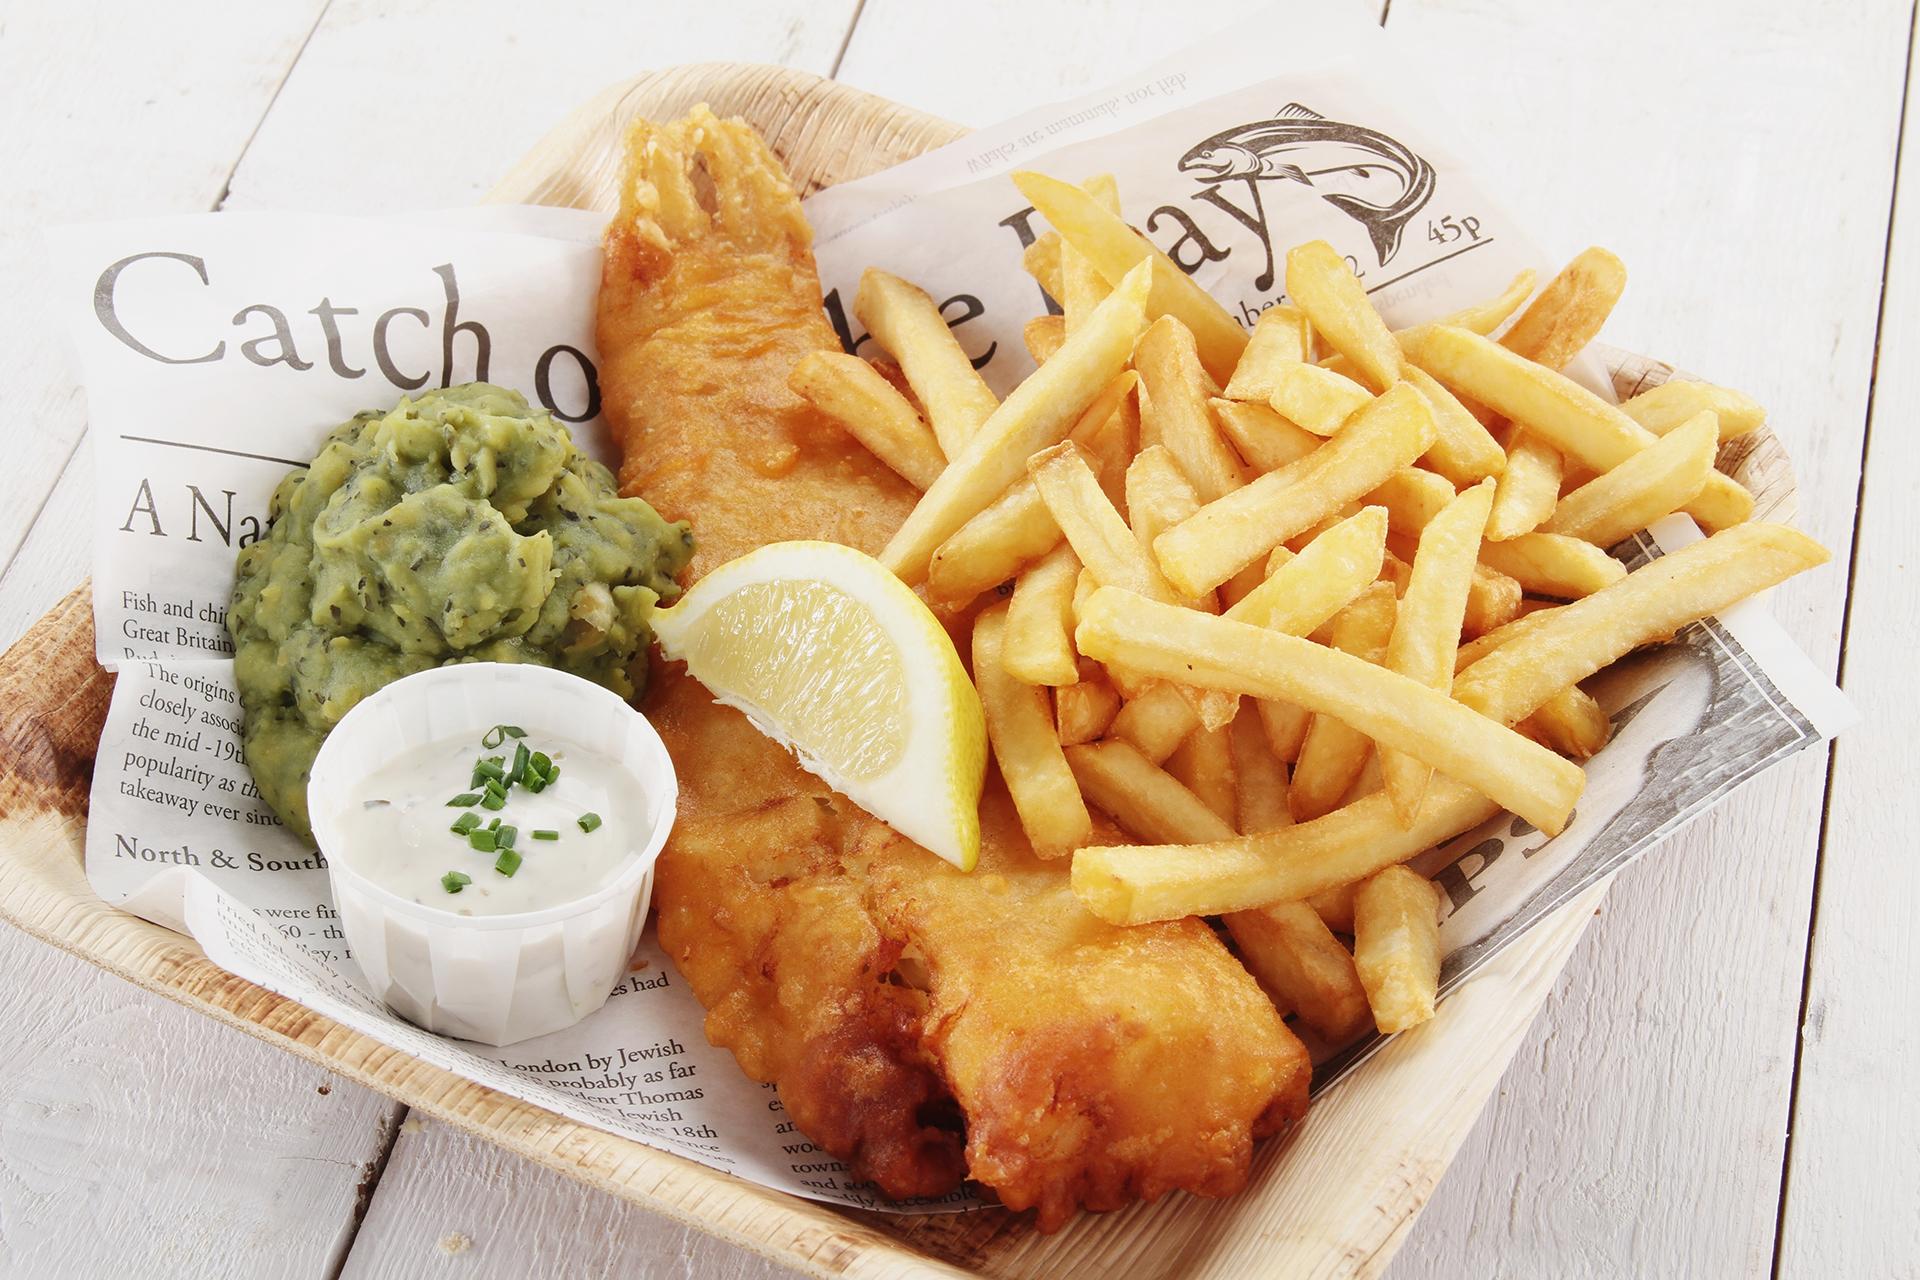 Los fish 'n' chips son uno de los platos favoritos de Gran Bretaña y su origen se remonta a la década de 1860